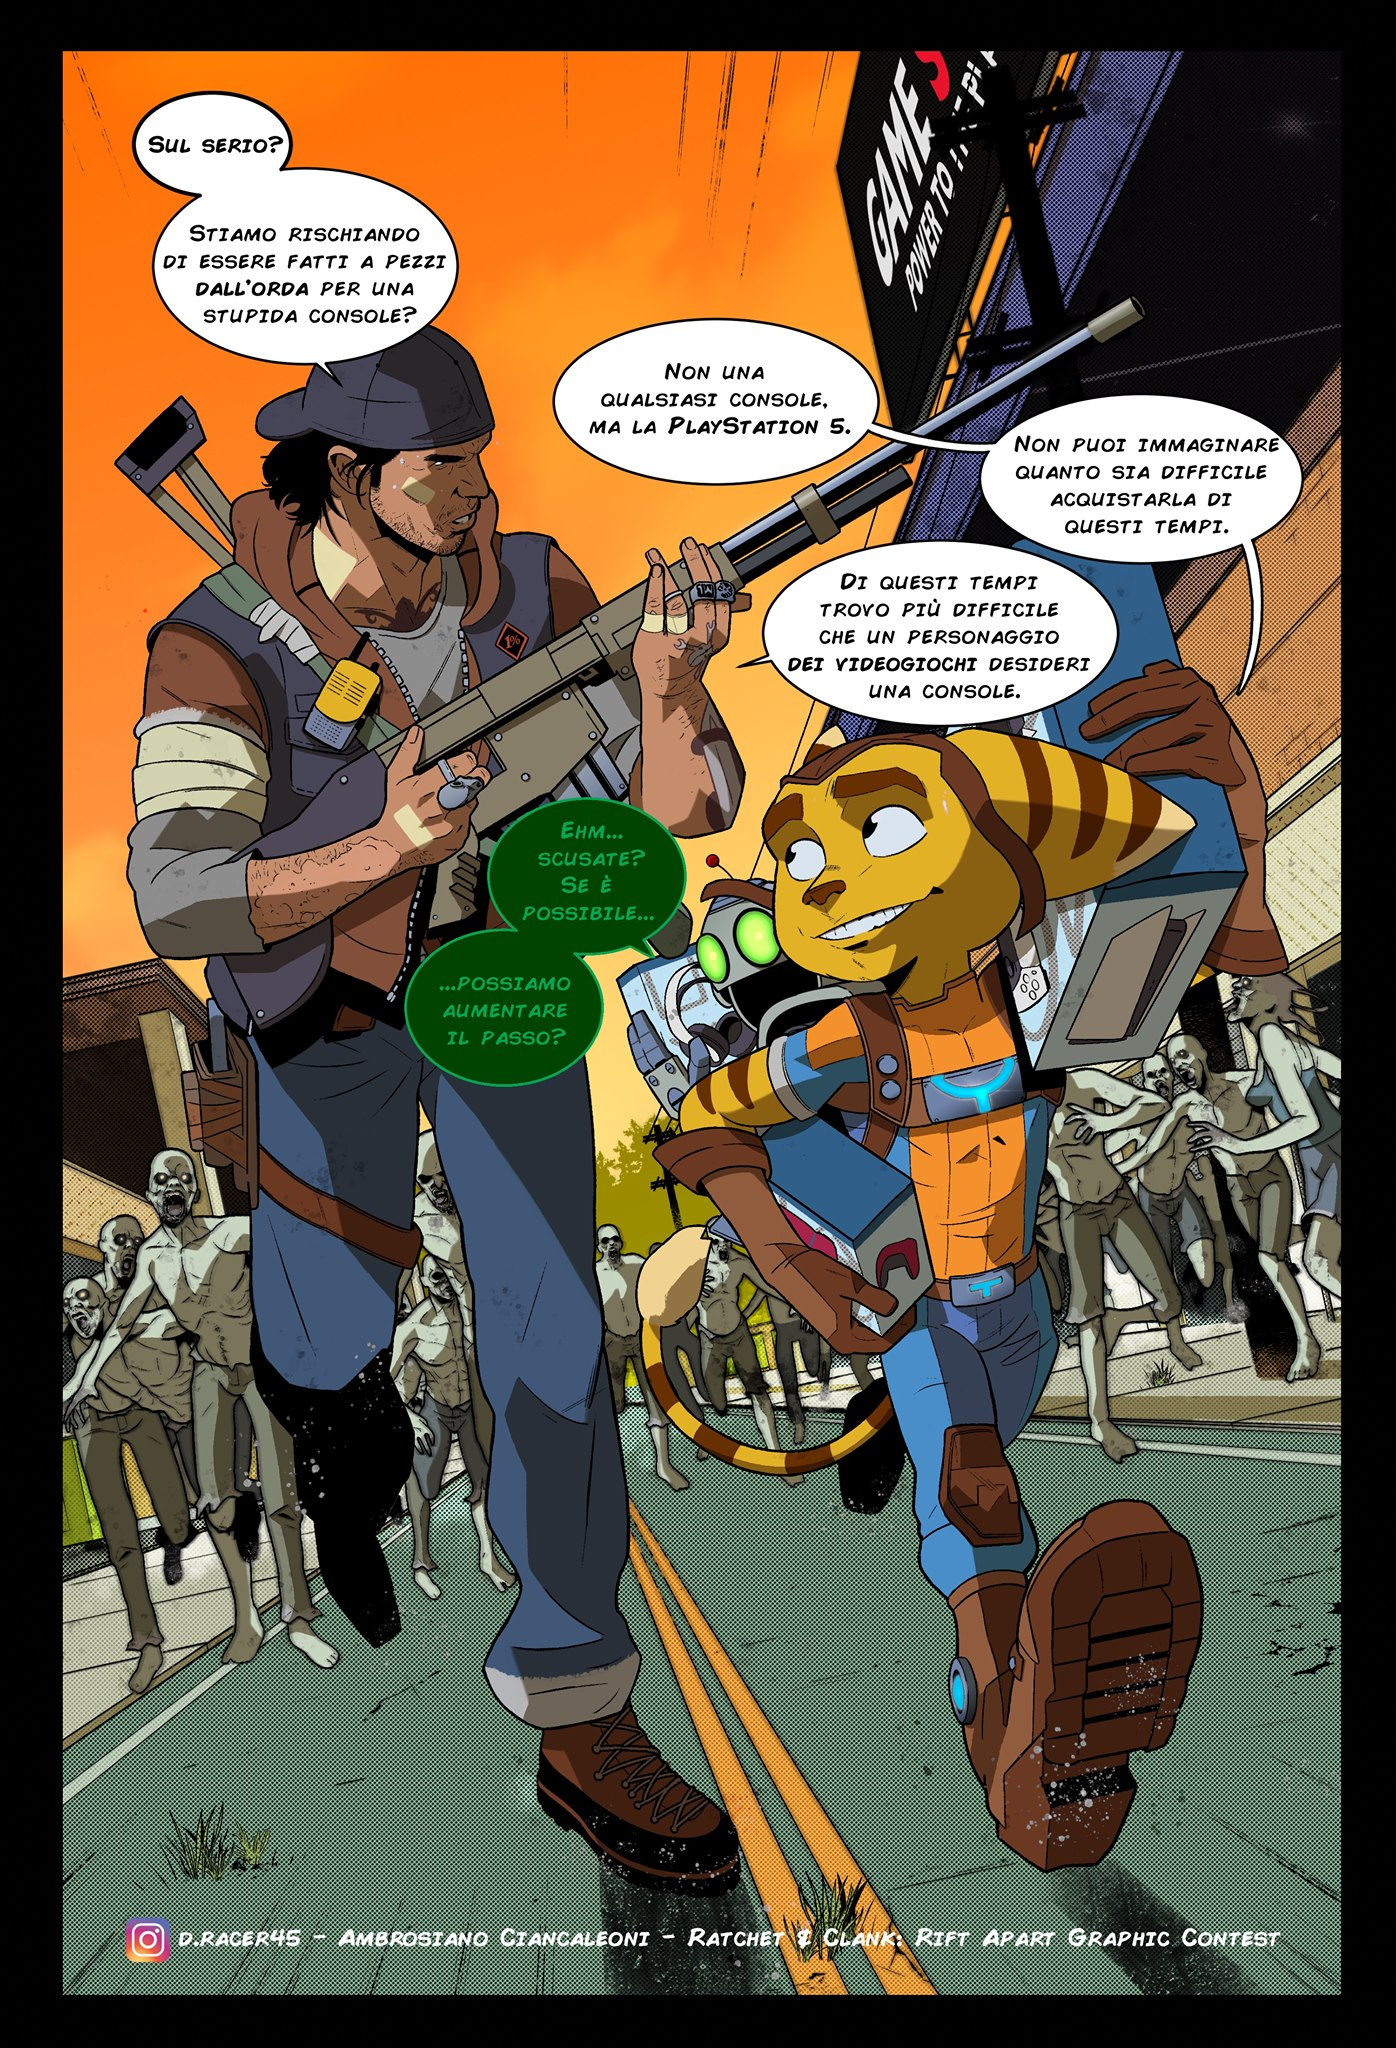 Premio PS5, Ambrosiano Ciancaleoni - Ratchet & Clank: Rift Apart Graphic Contest